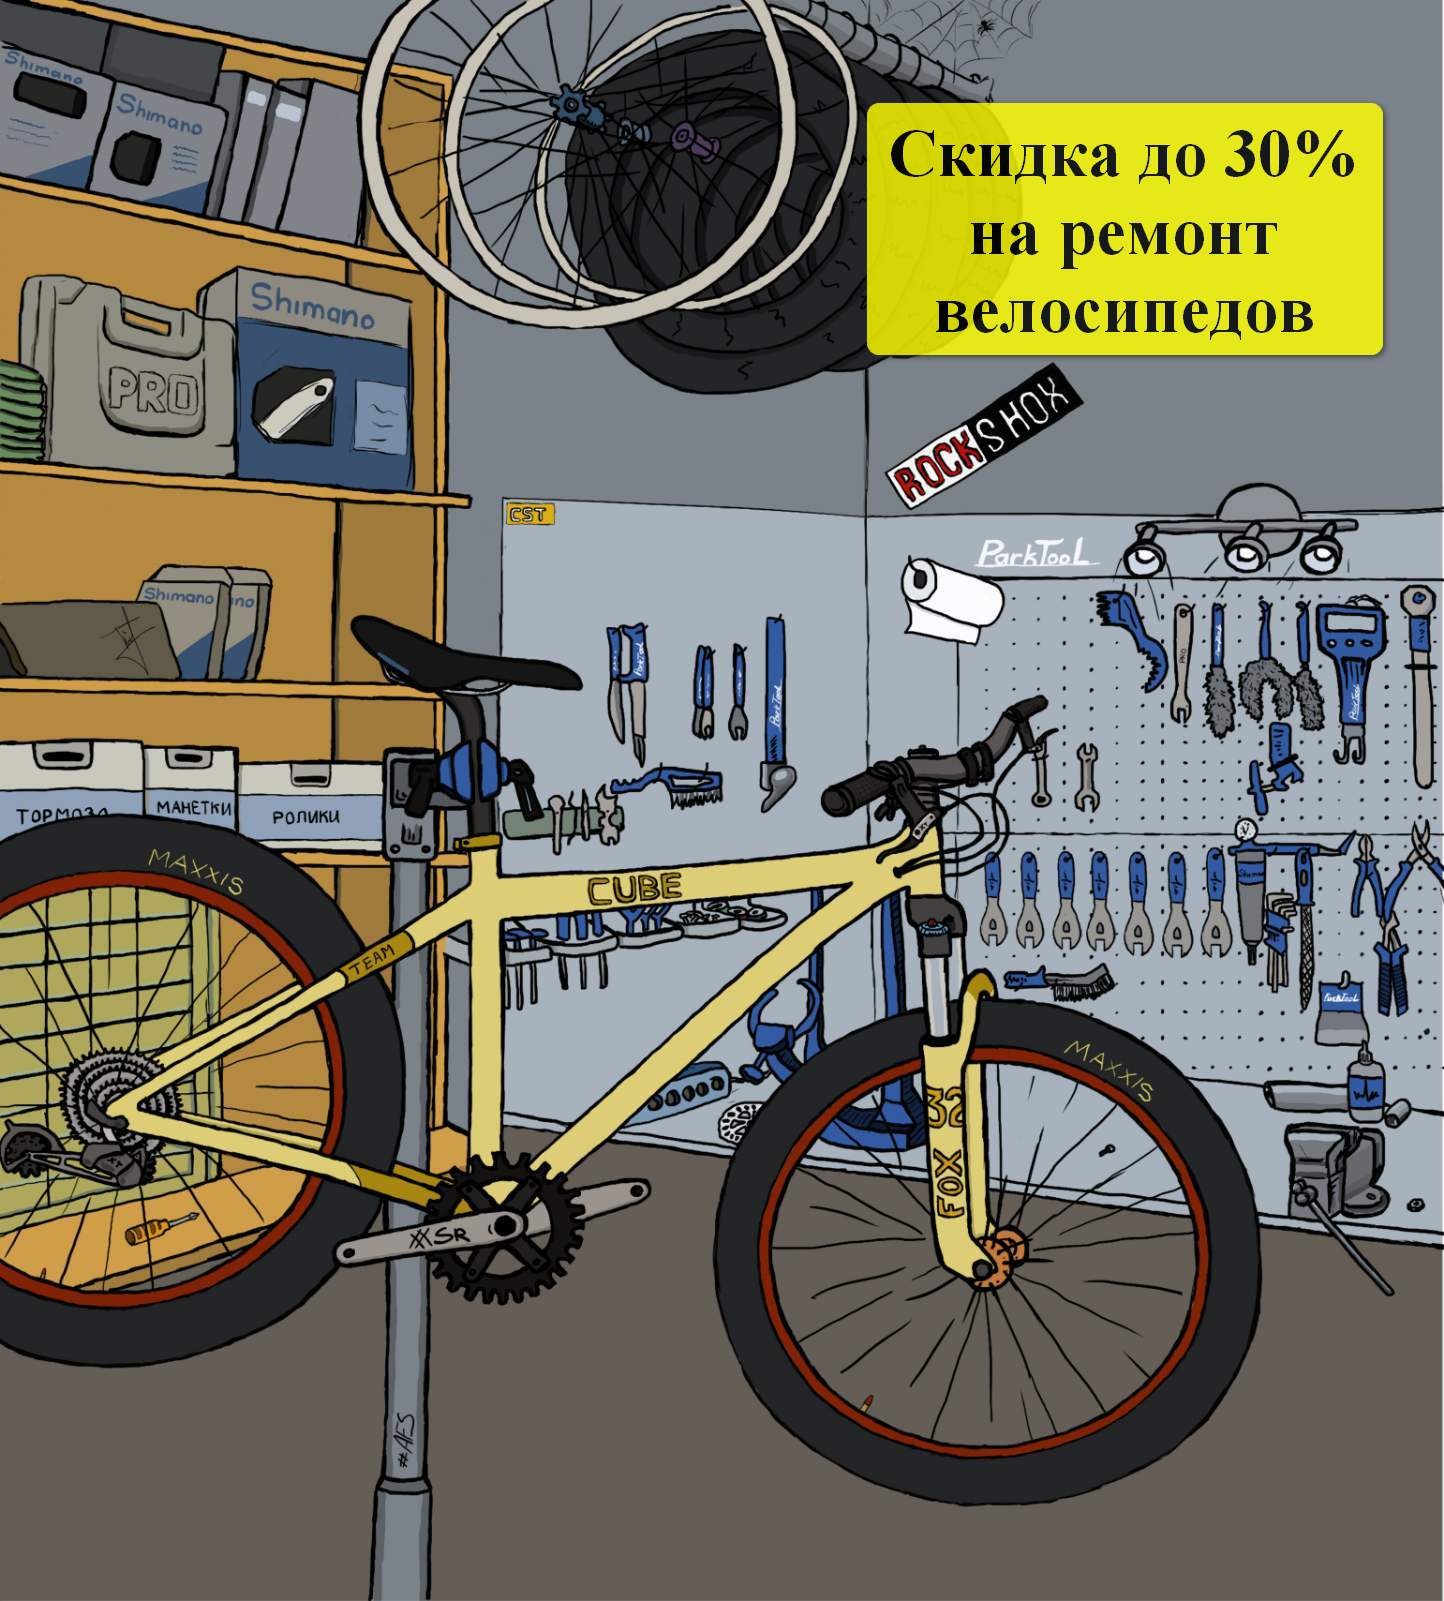 Ремонт велосипедов со скидкой